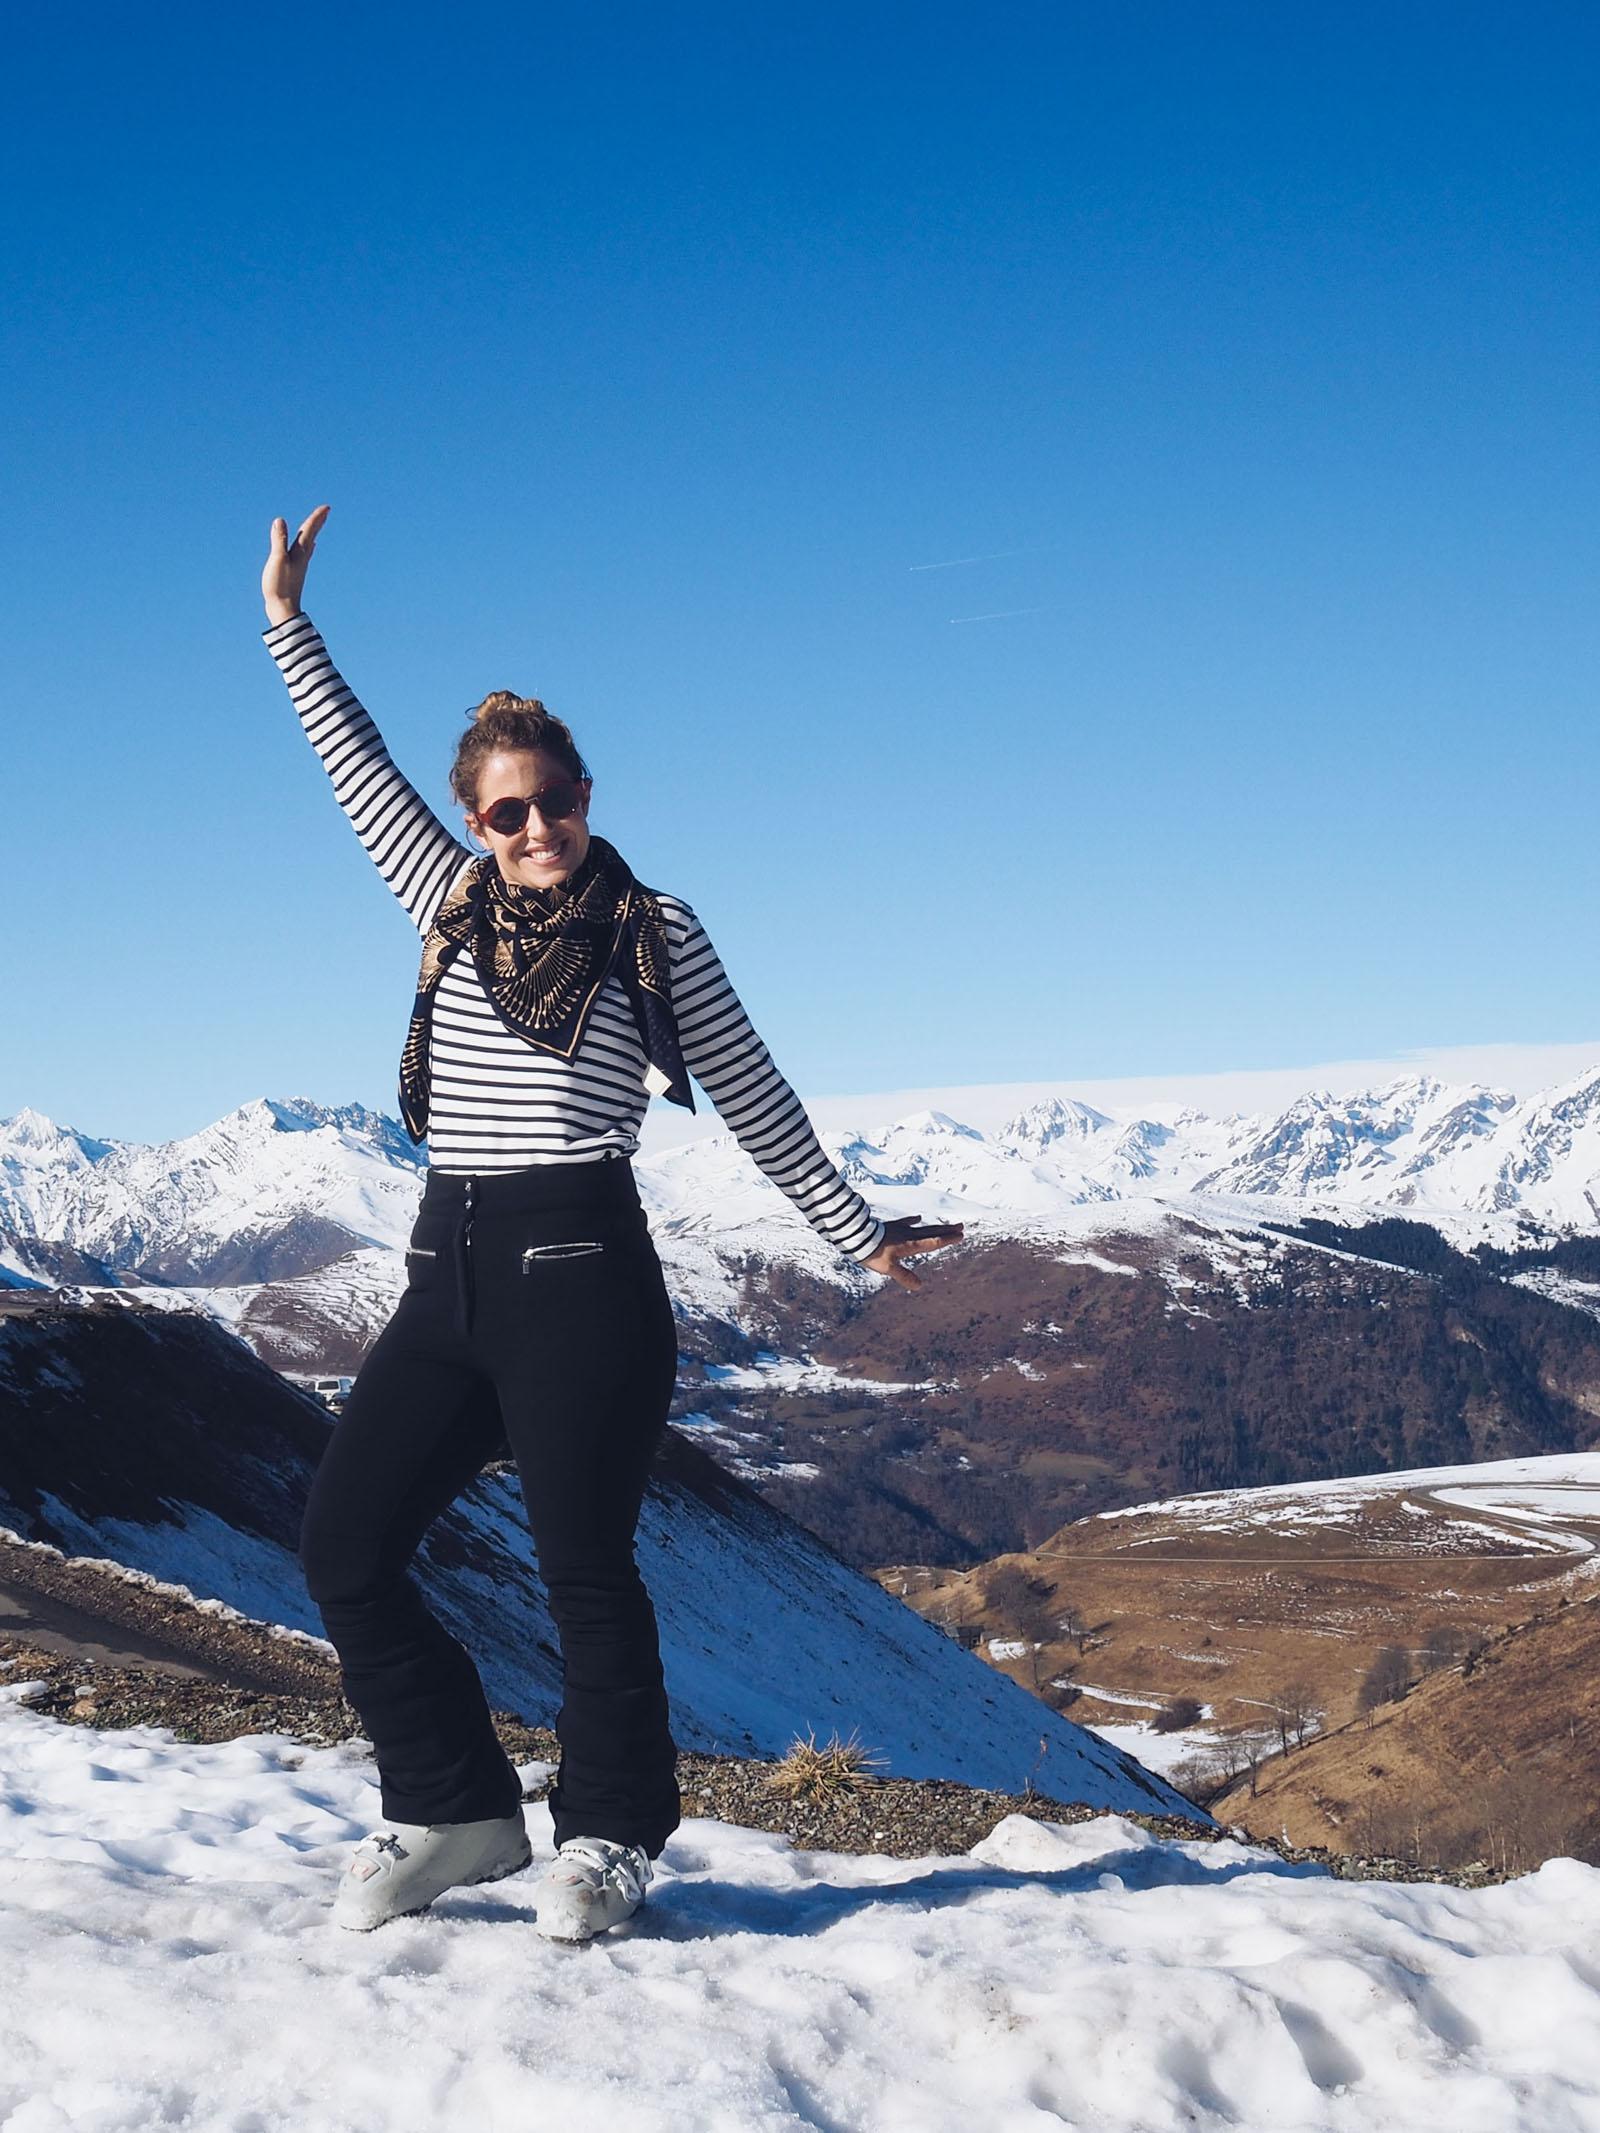 Vacances au ski en famille Hautes Pyrenees bonnes adresses hotel station l La Fiancee du Panda blog mariage et lifestyle-1058546